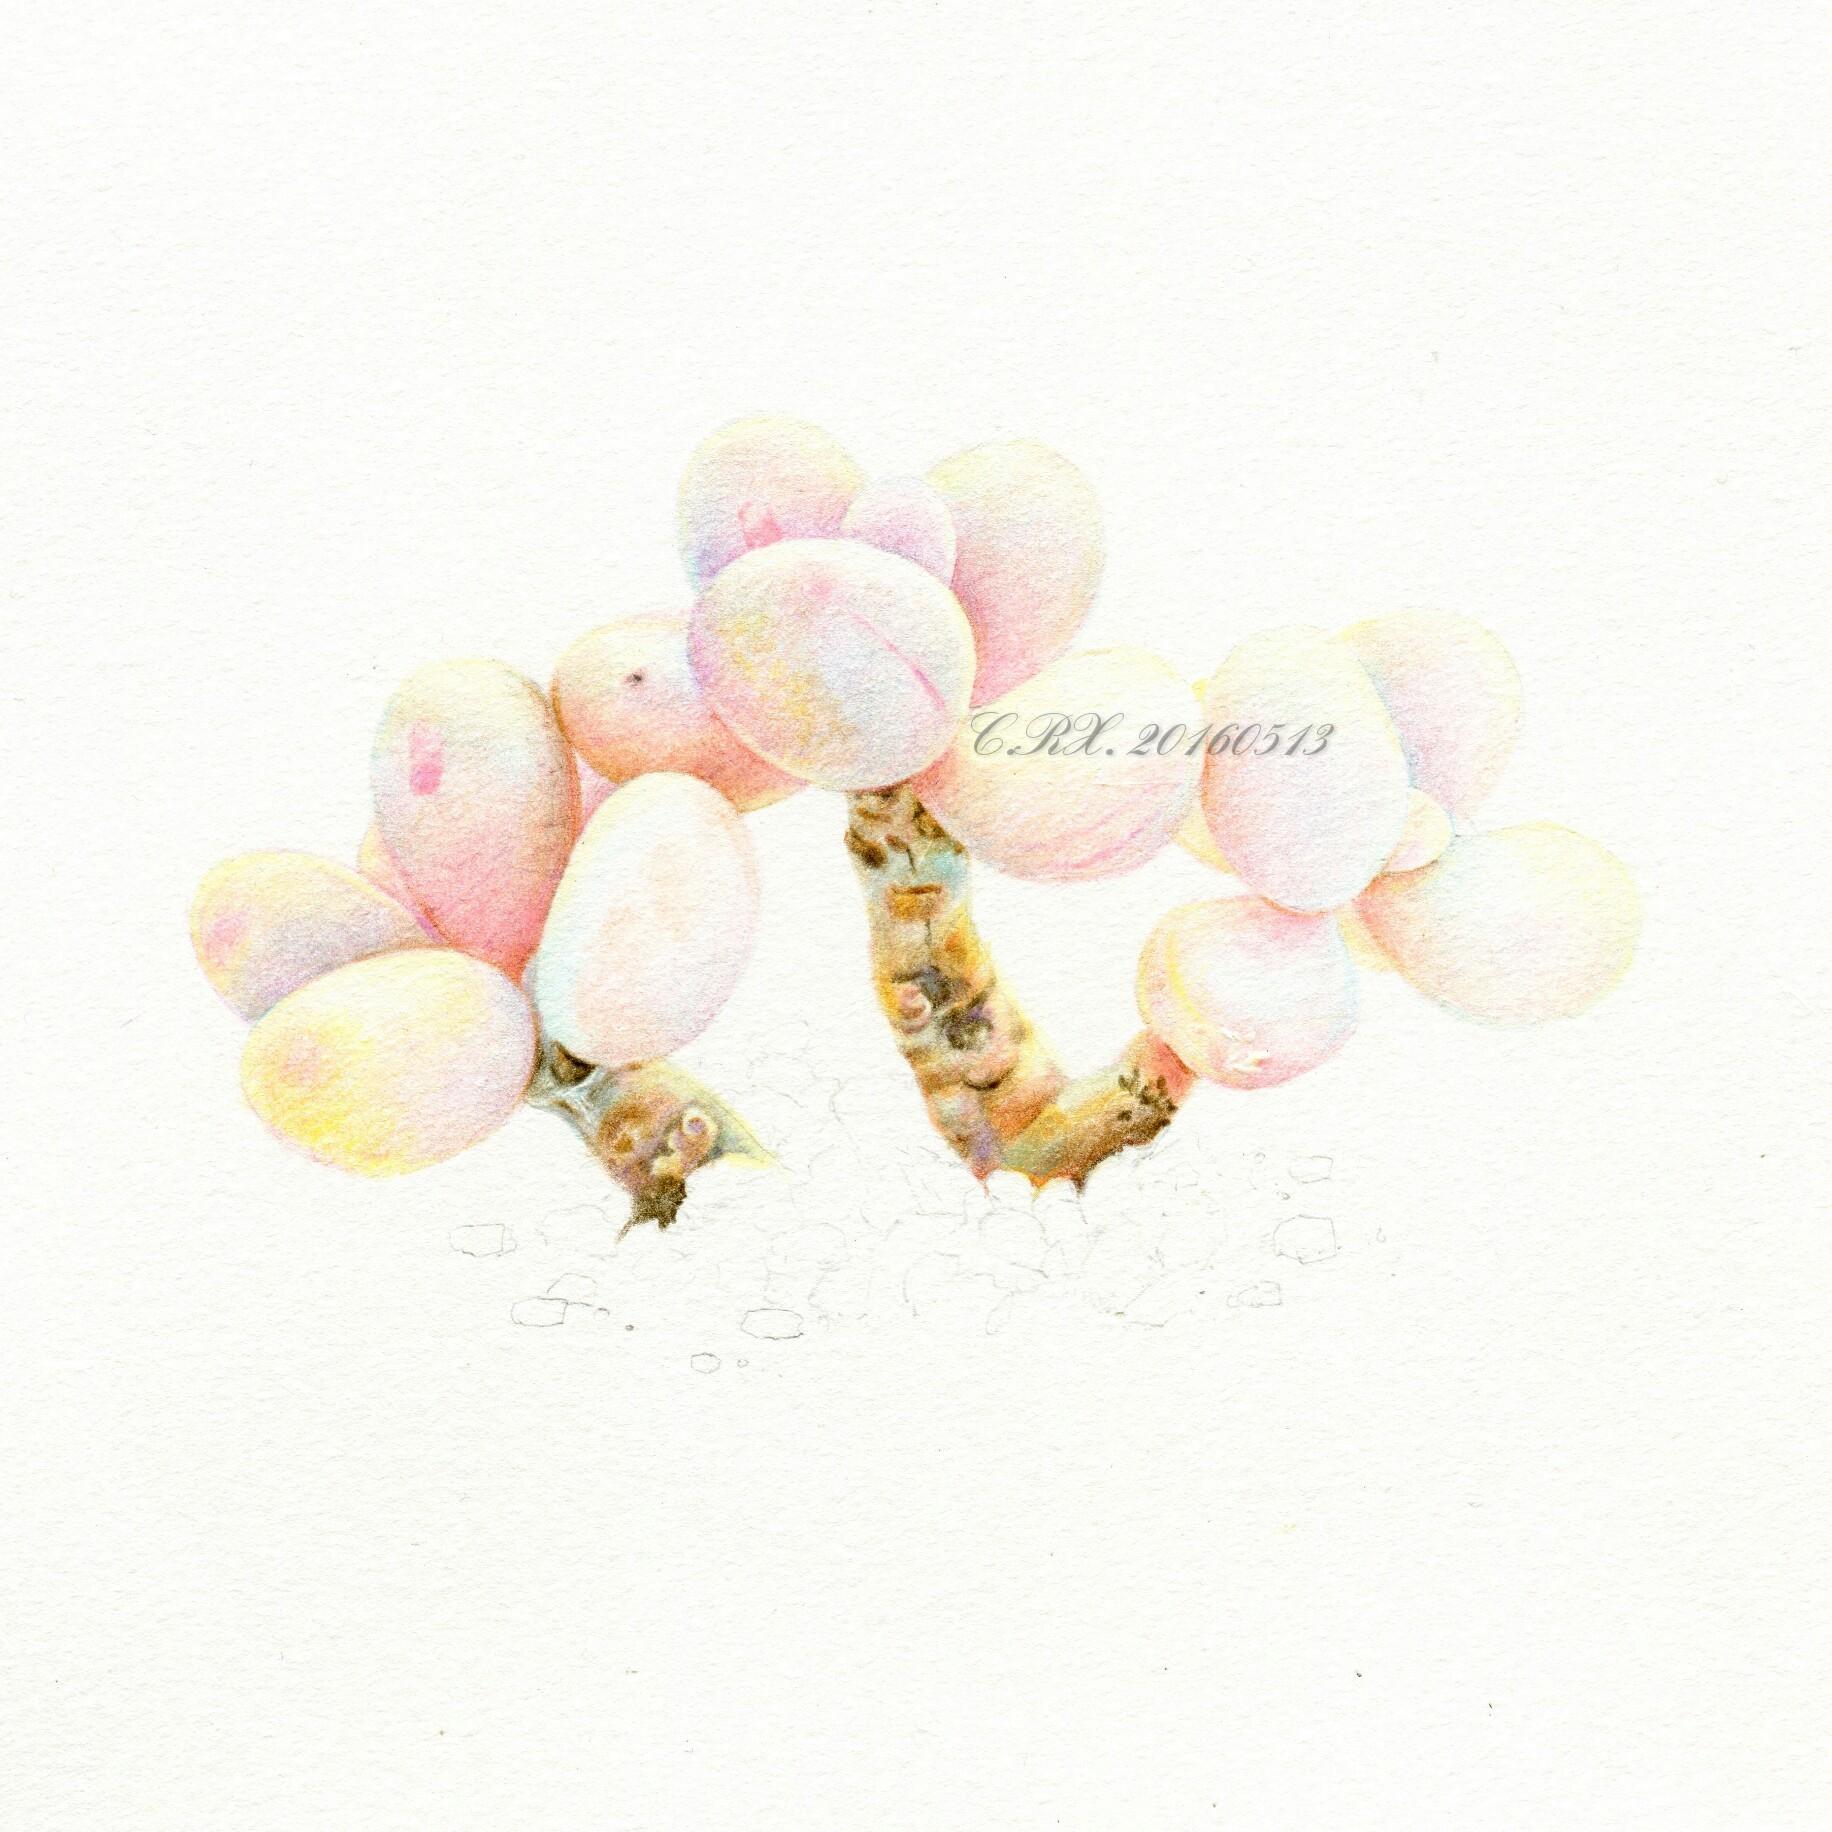 【溶萱手绘——彩铅多肉】桃蛋(ω)